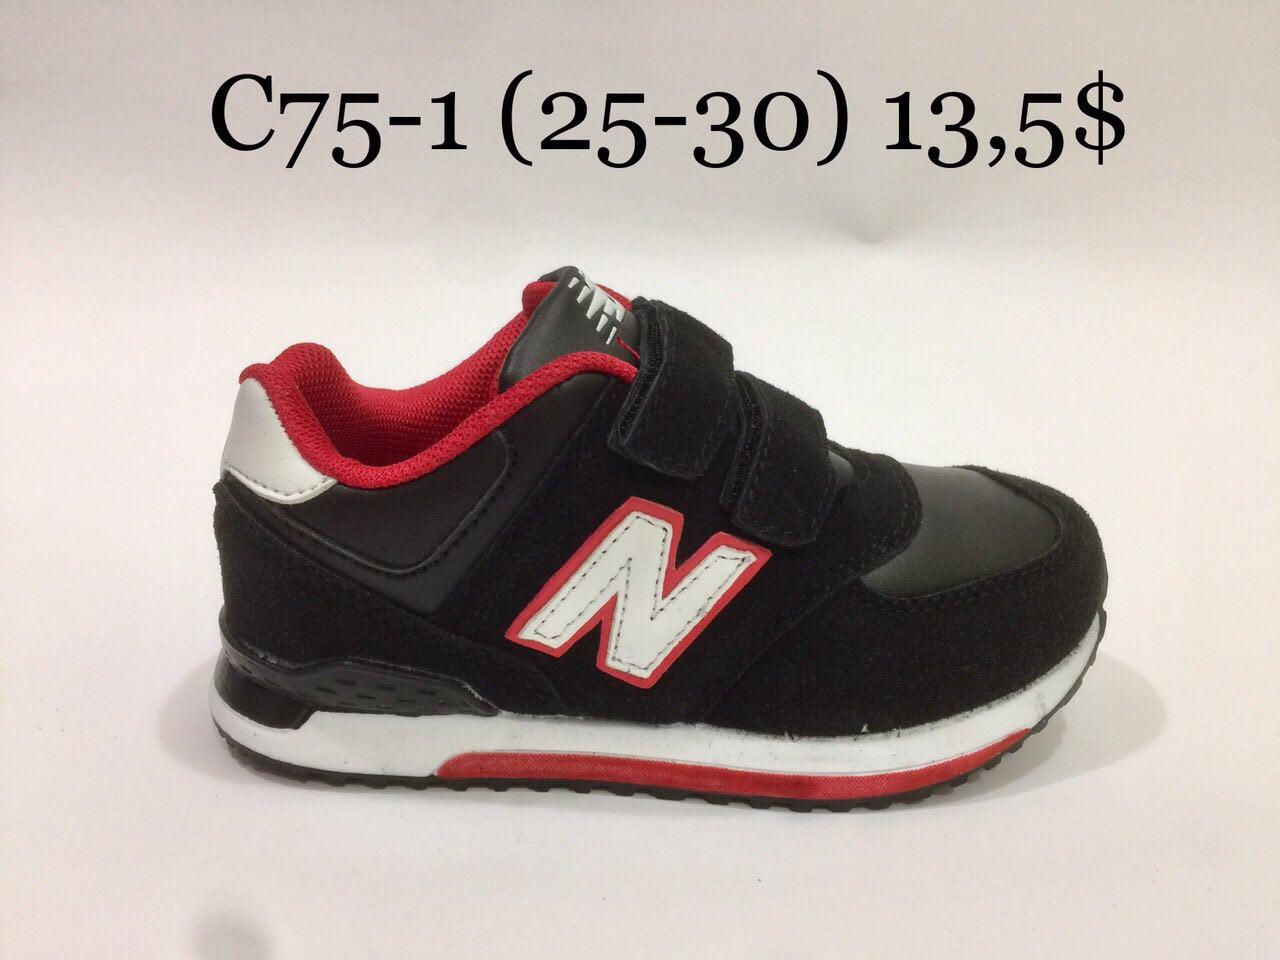 Детские кроссовки оптом от New Balance (25-30) d8583ec978b36